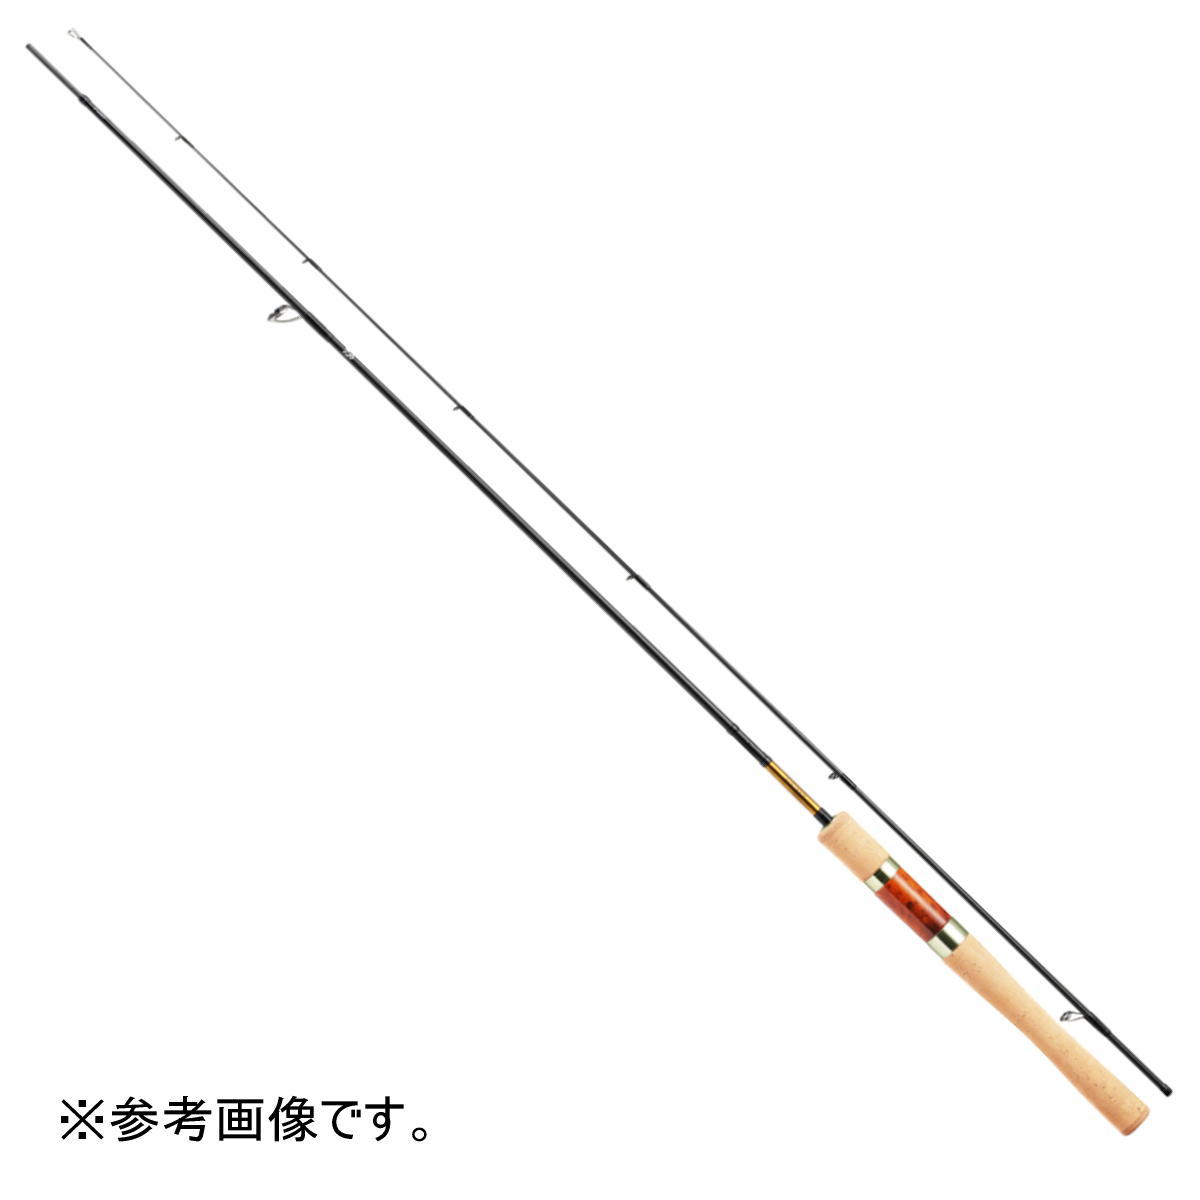 【送料無料5】ダイワ ロッド '18 プレッソ 61MF・V